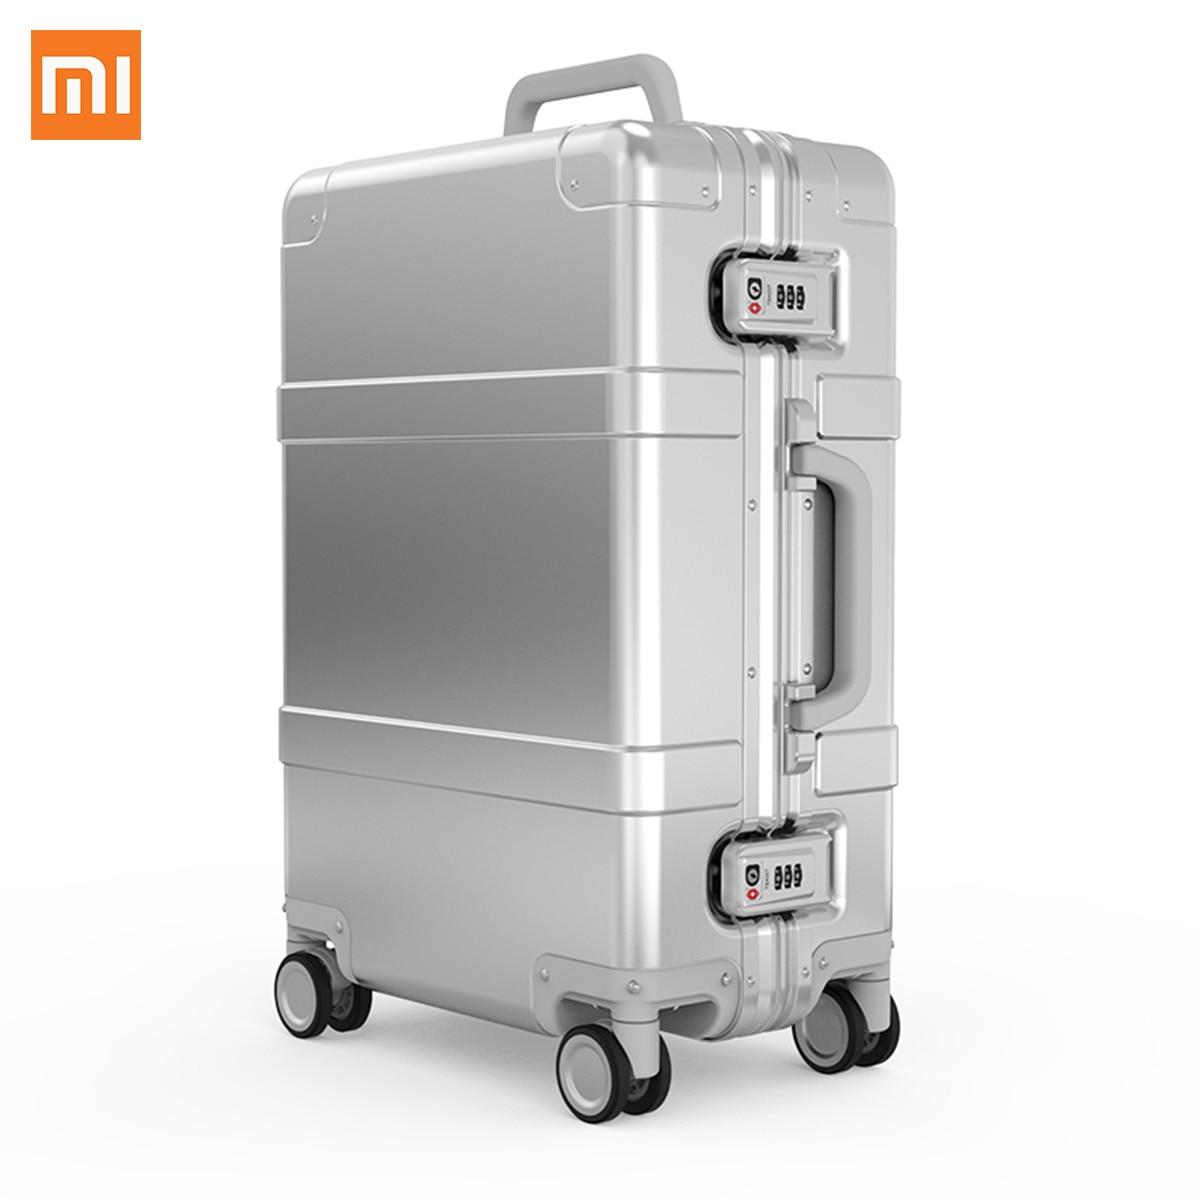 Xiaomi 90FUN Liga De Alumínio Mala de Viagem do Metal Bagagem 20 Polegada Carry on Spinner Roda bluetooth Apoio App Controle Desbloqueio